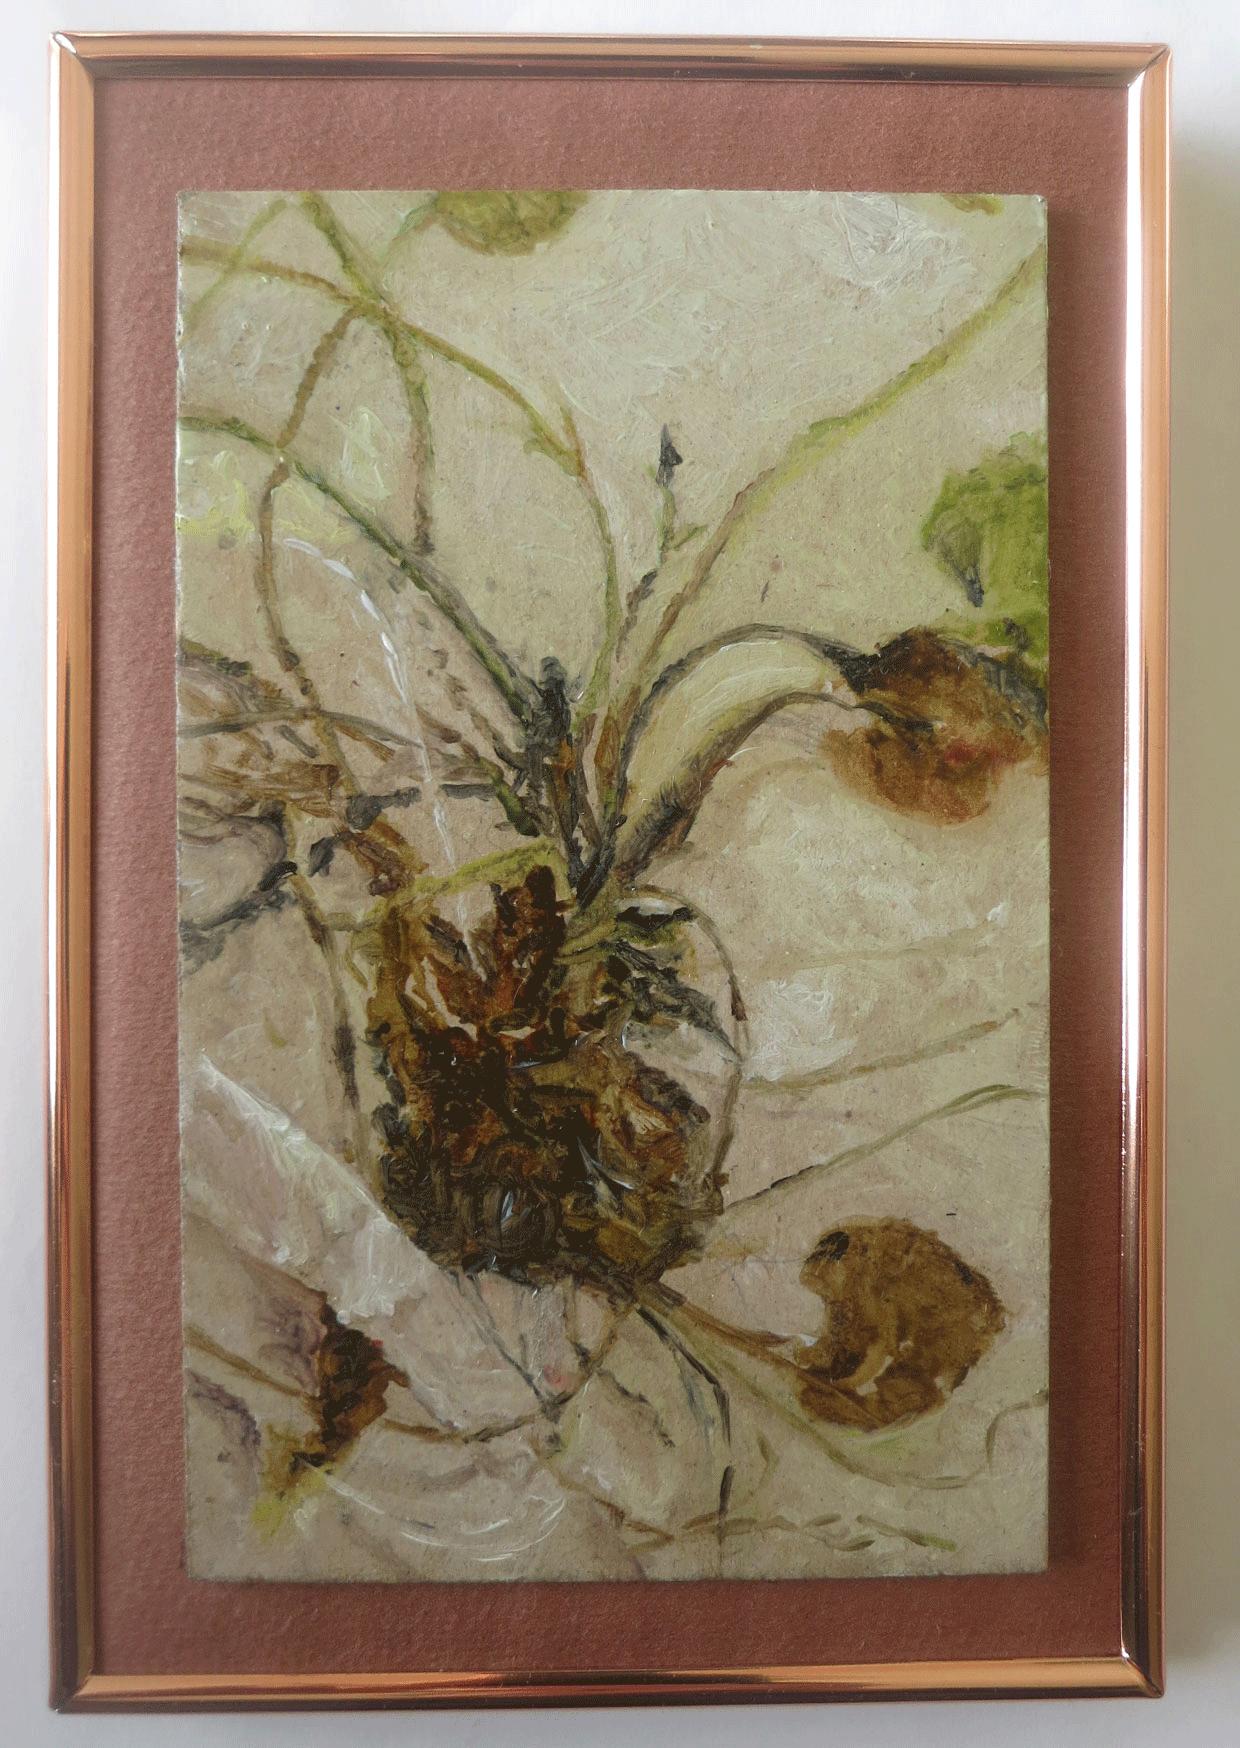 unwrapped, herbarium 1